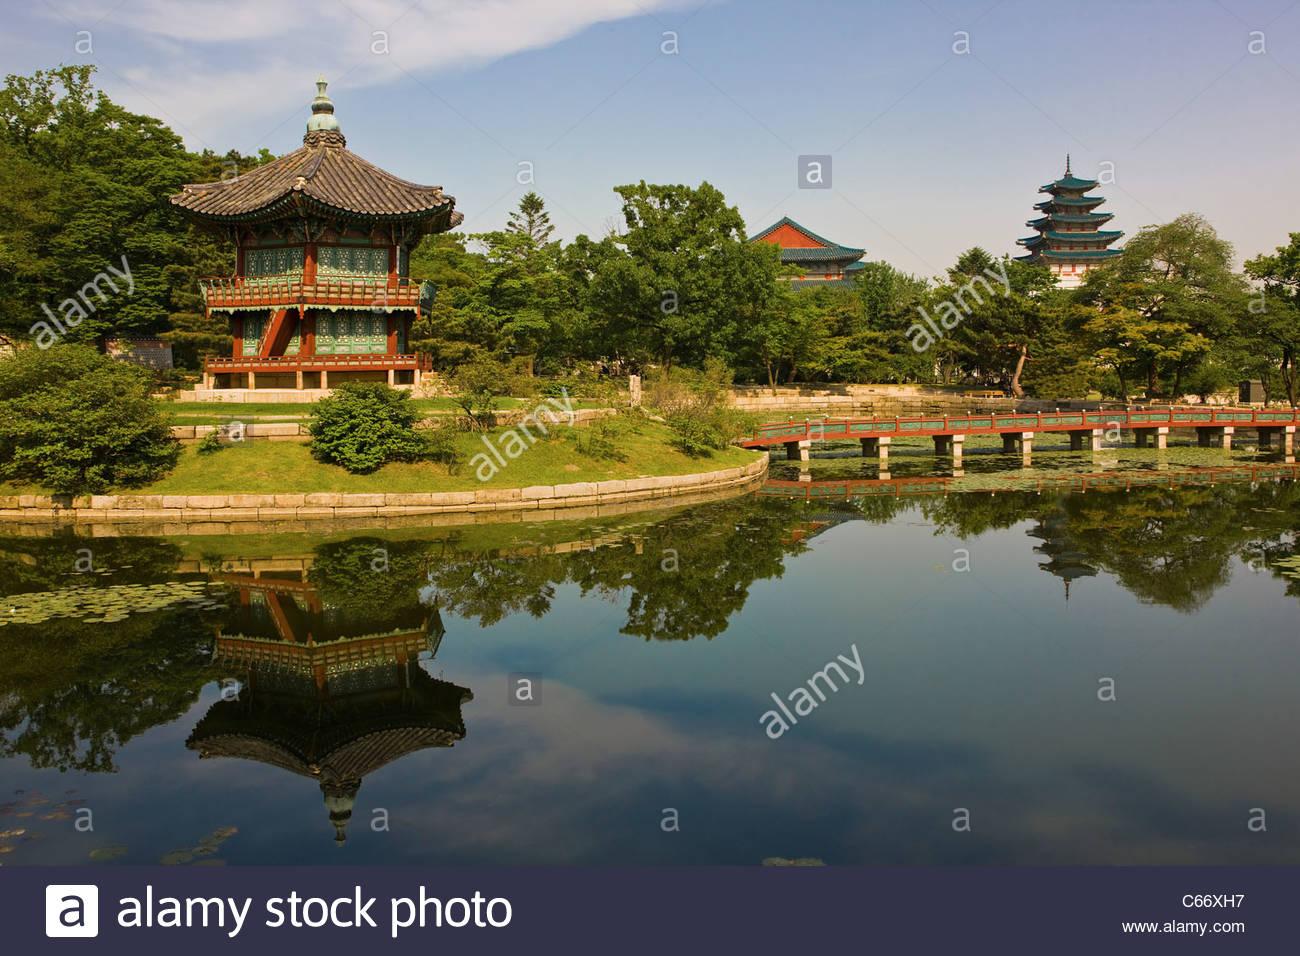 Lake at Gyeongbokgung palace - Stock Image